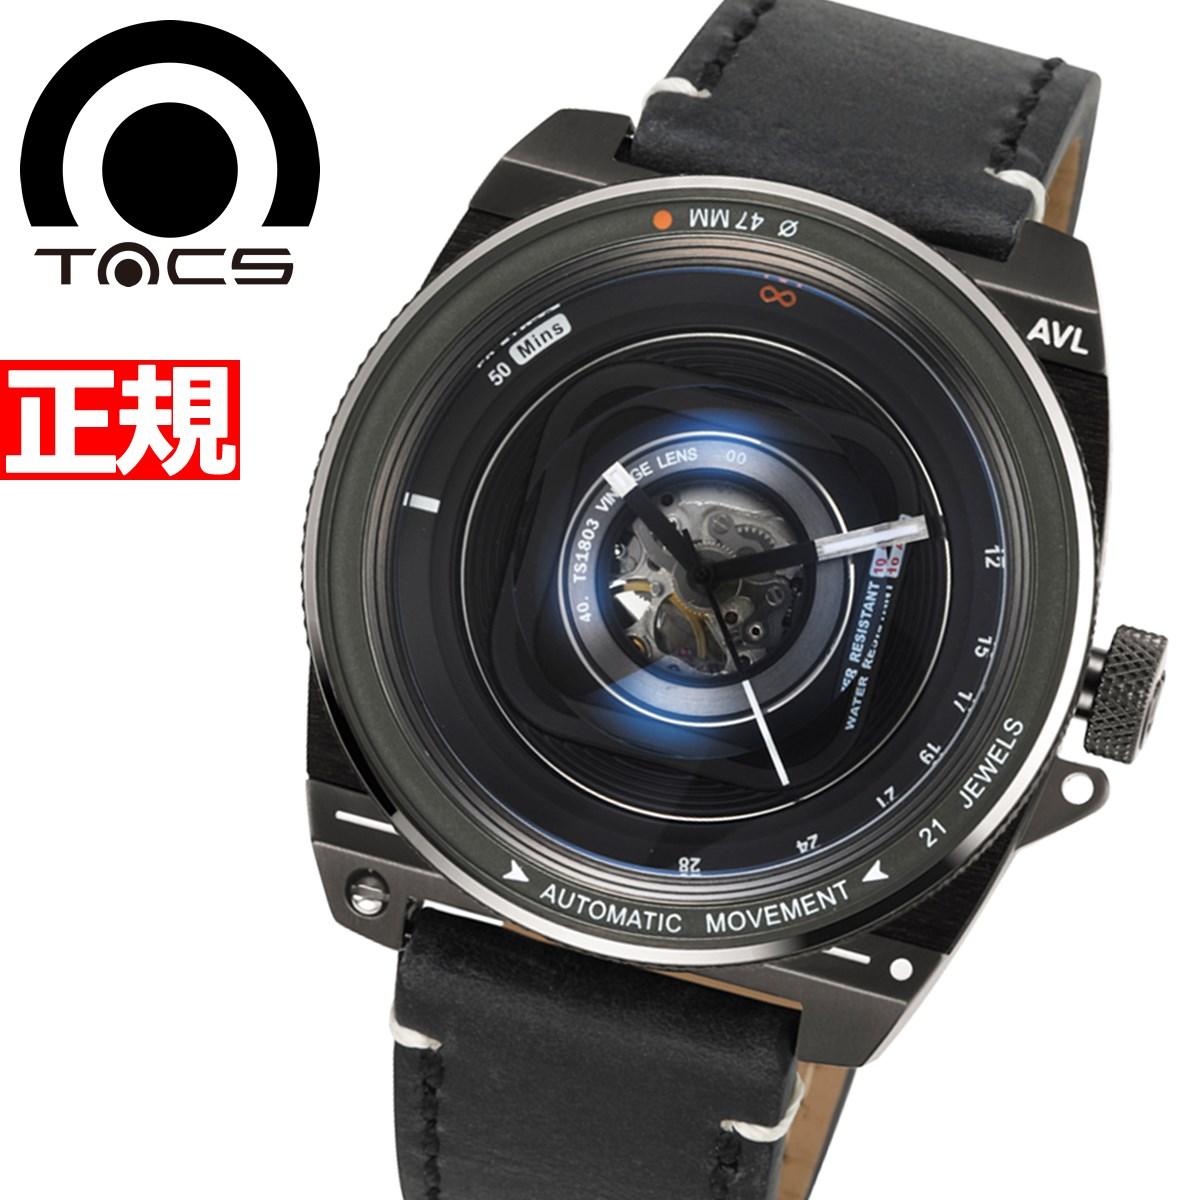 【5日0時~♪10%OFFクーポン&店内ポイント最大51倍!5日23時59分まで】タックス TACS 腕時計 メンズ ヴィンテージレンズ オートマチック 2 VINTAGE LENS AUTOMATIC II 自動巻き TS1803C